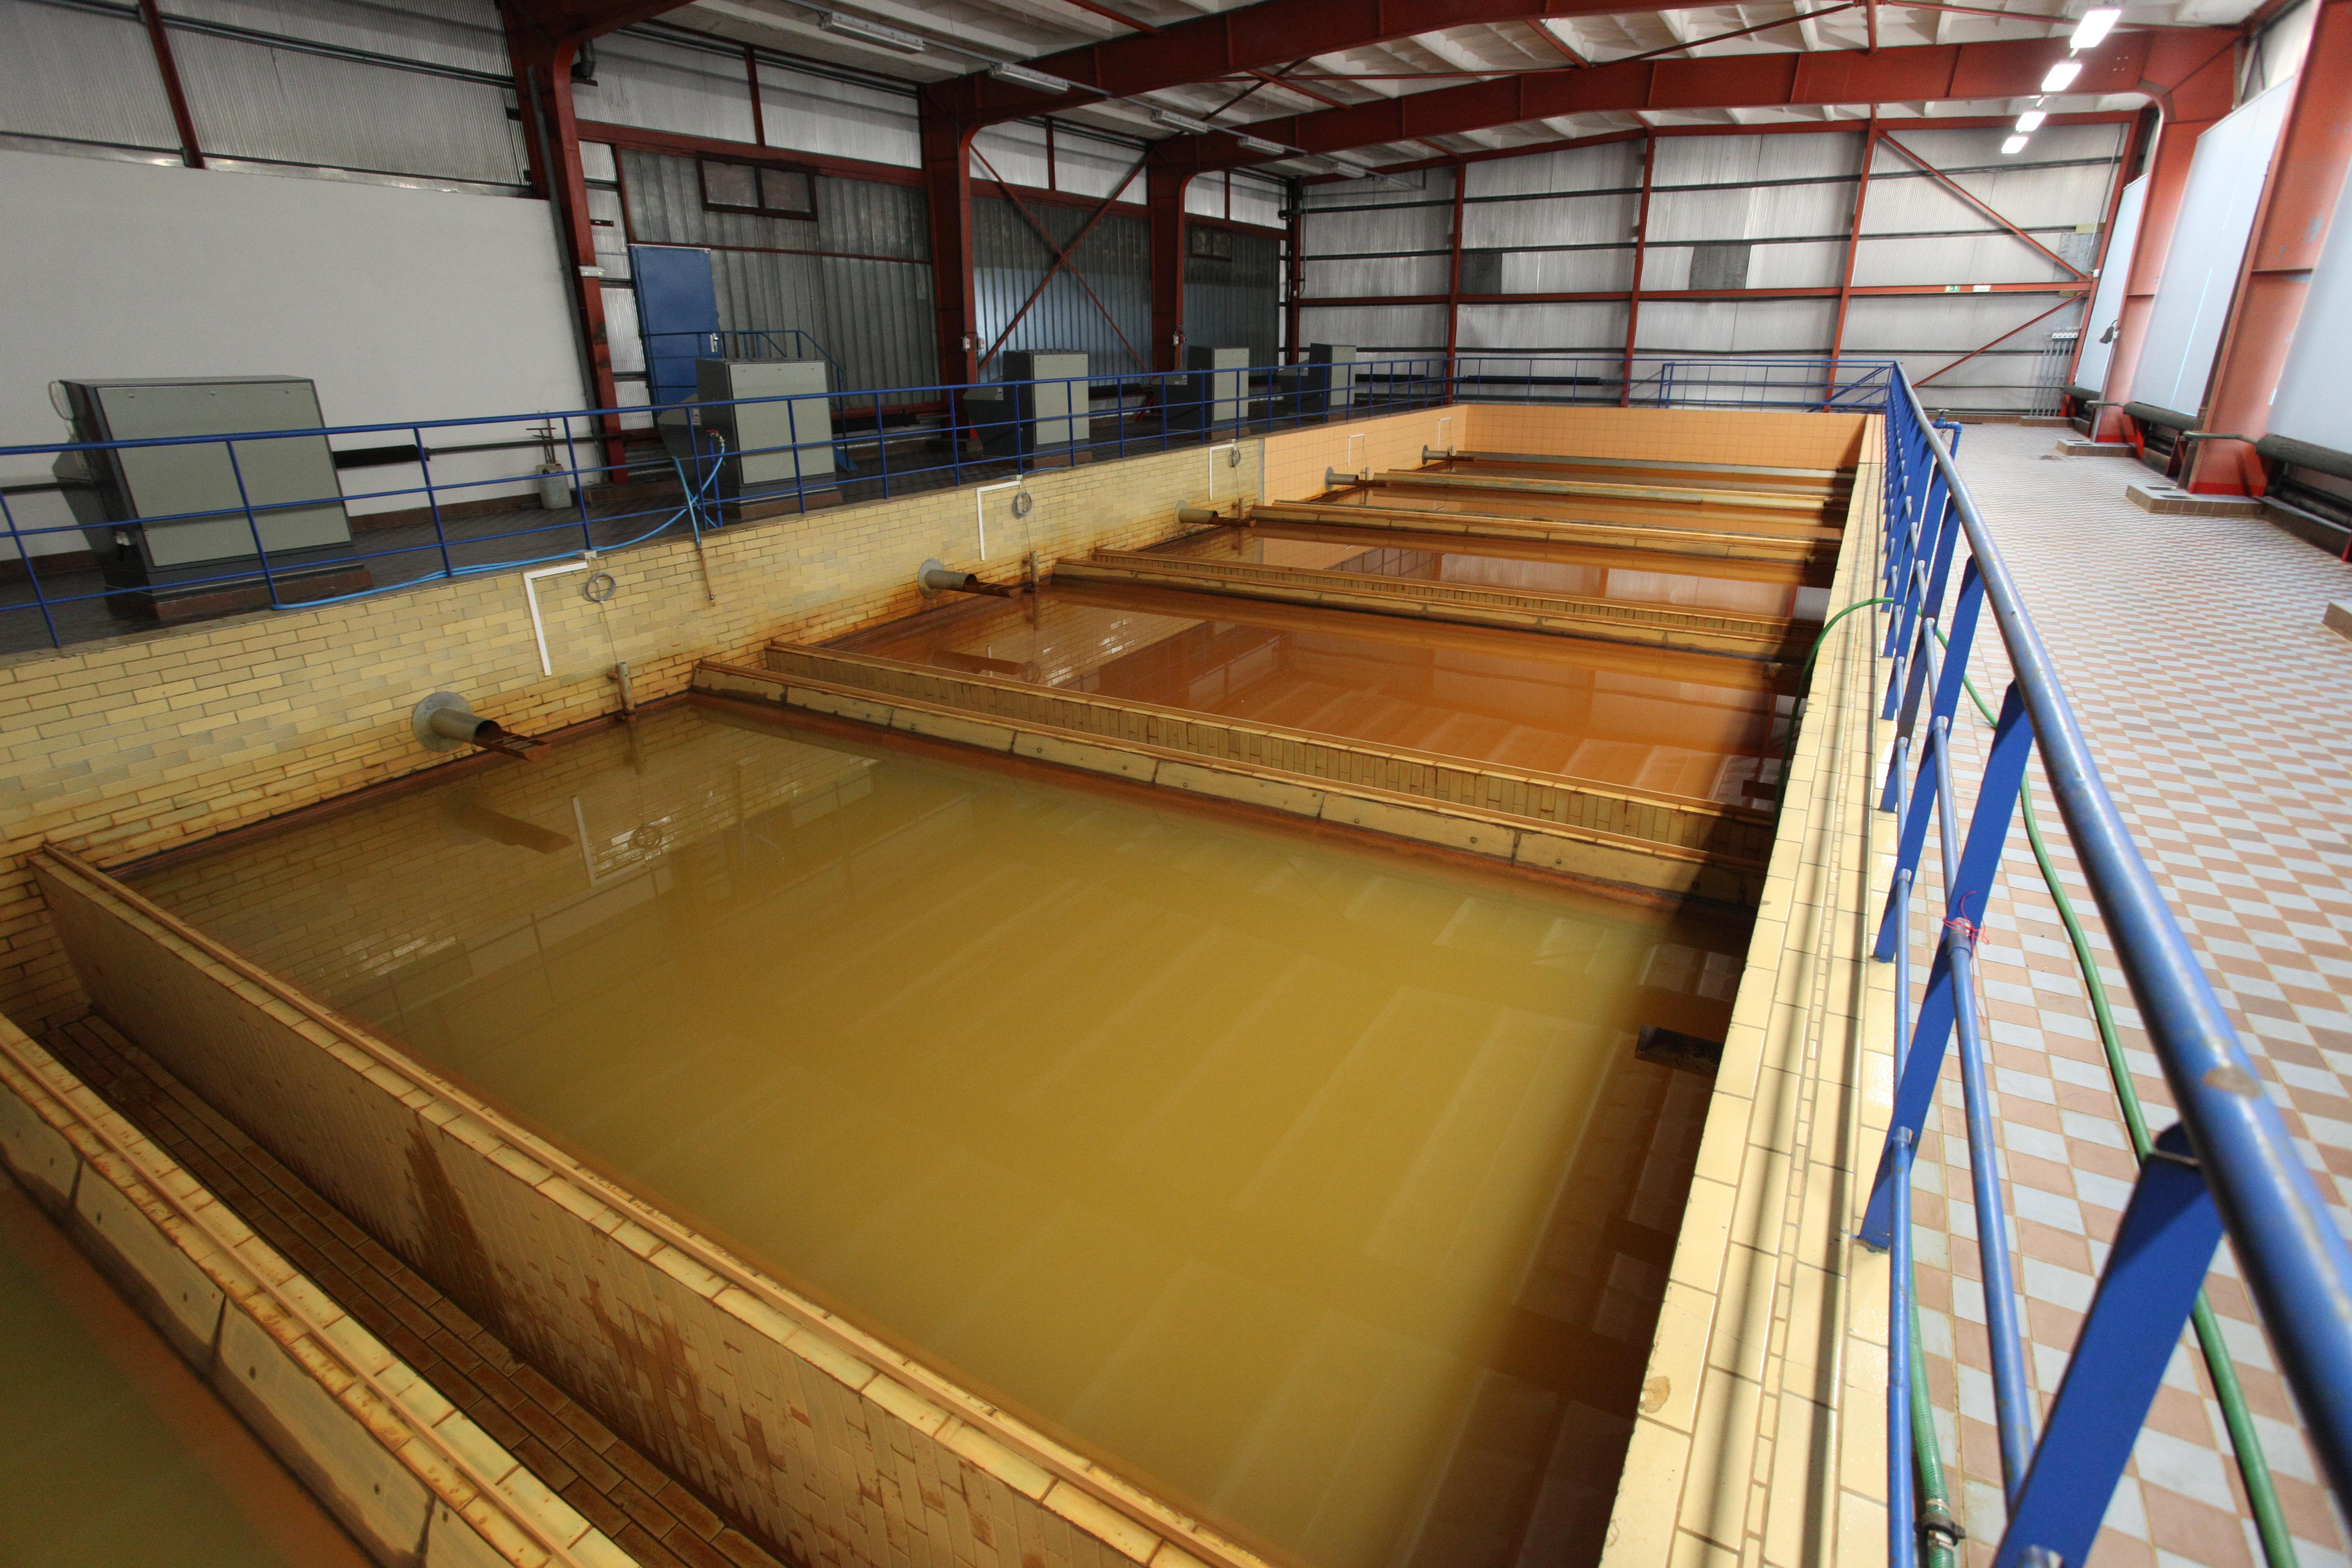 Estaci n de tratamiento de agua potable wikiwand - Tratamiento de agua ...